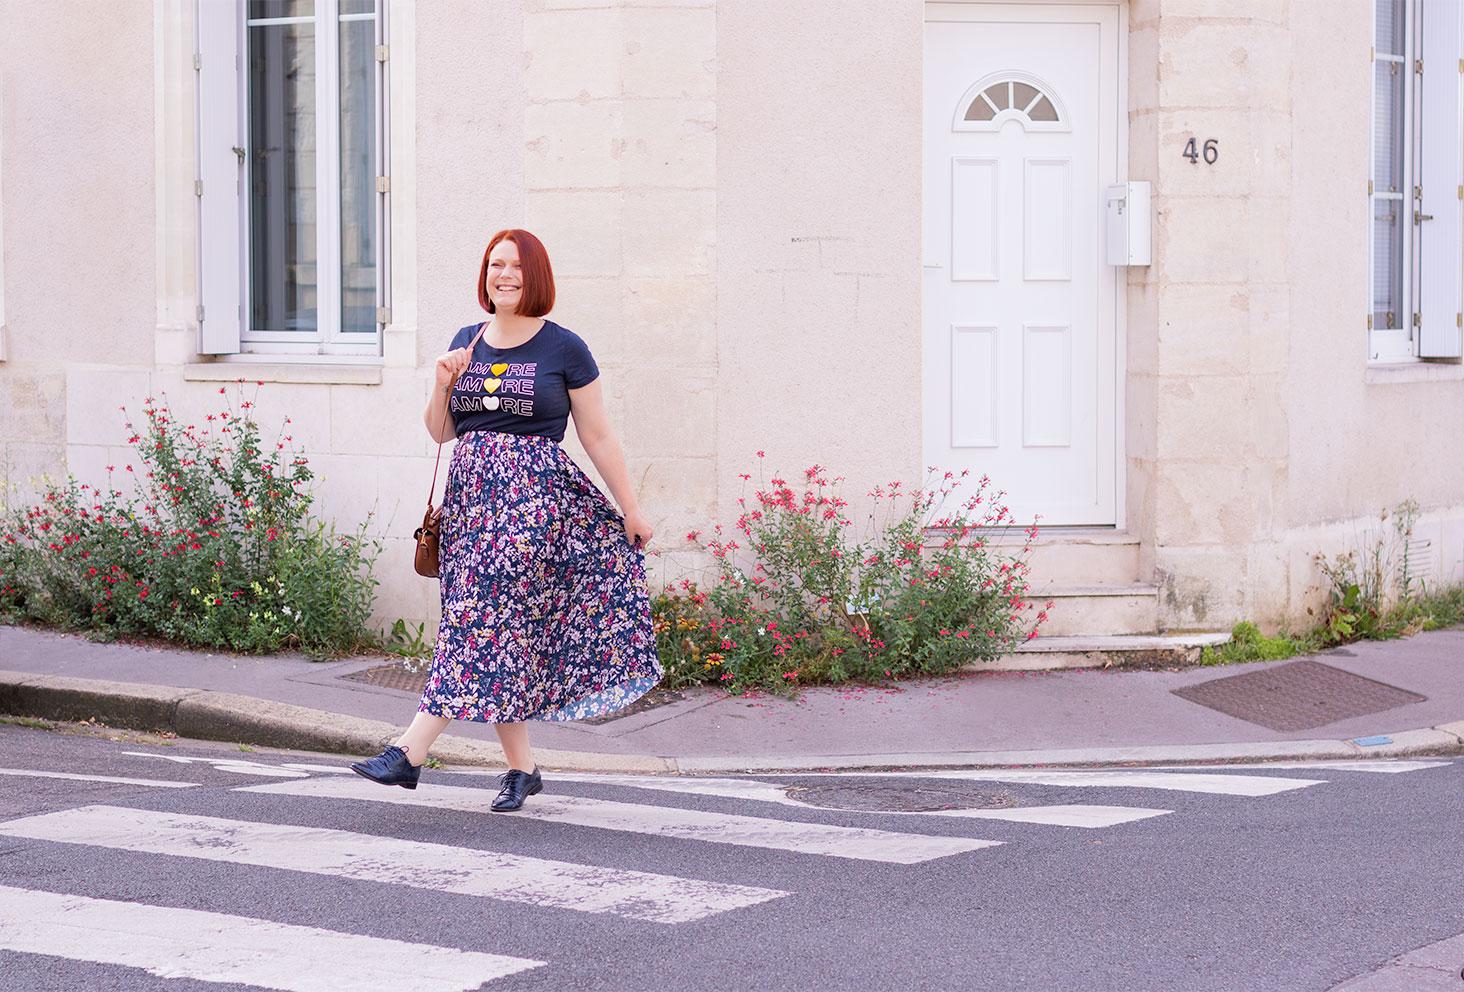 Sur un passage piéton en train de traverser la rue dans une longue jupe fleurie bleue et un t-shirt aux inscriptions Amore